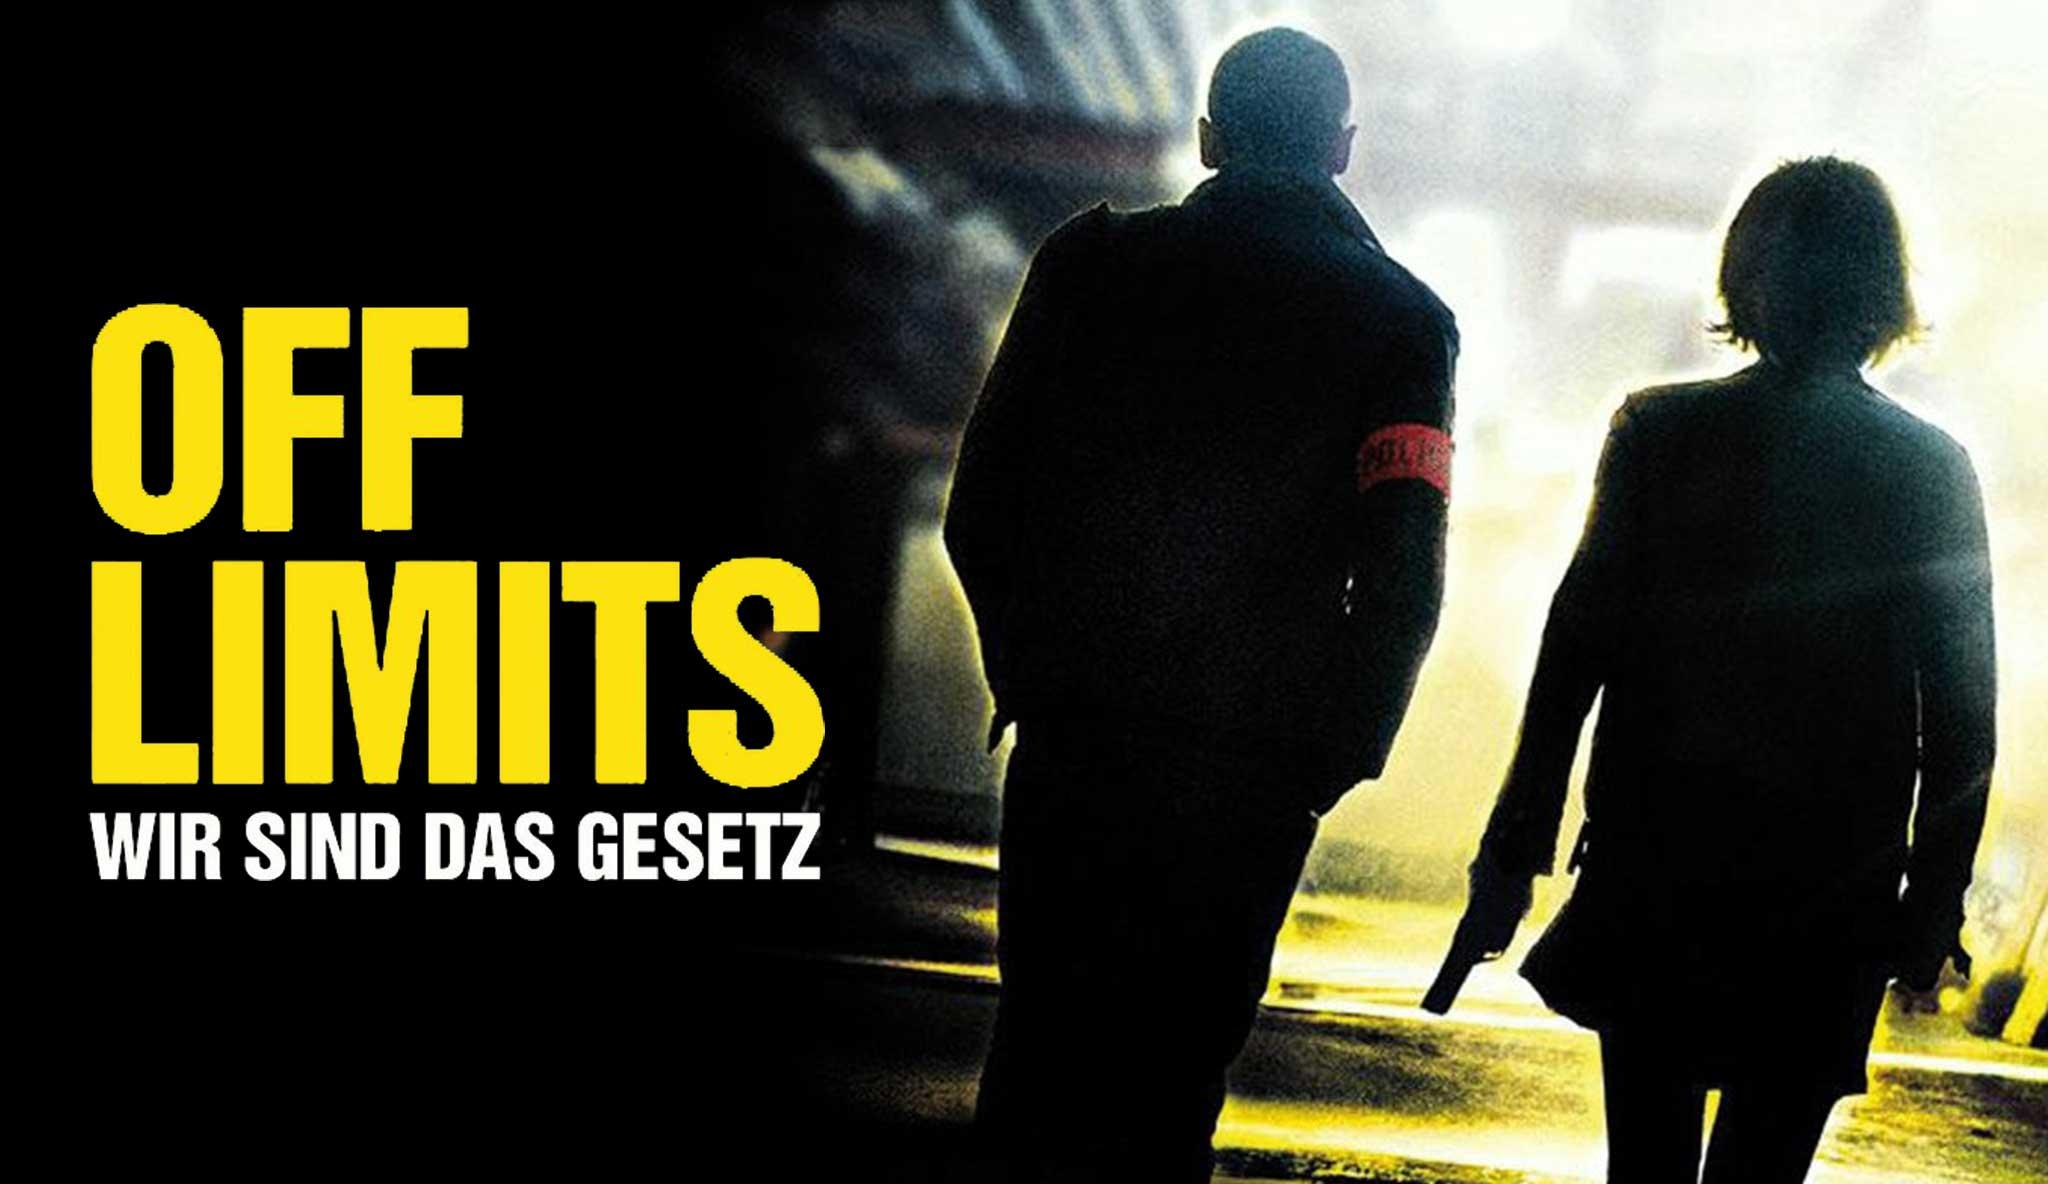 off-limits-wir-sind-das-gesetz\header.jpg